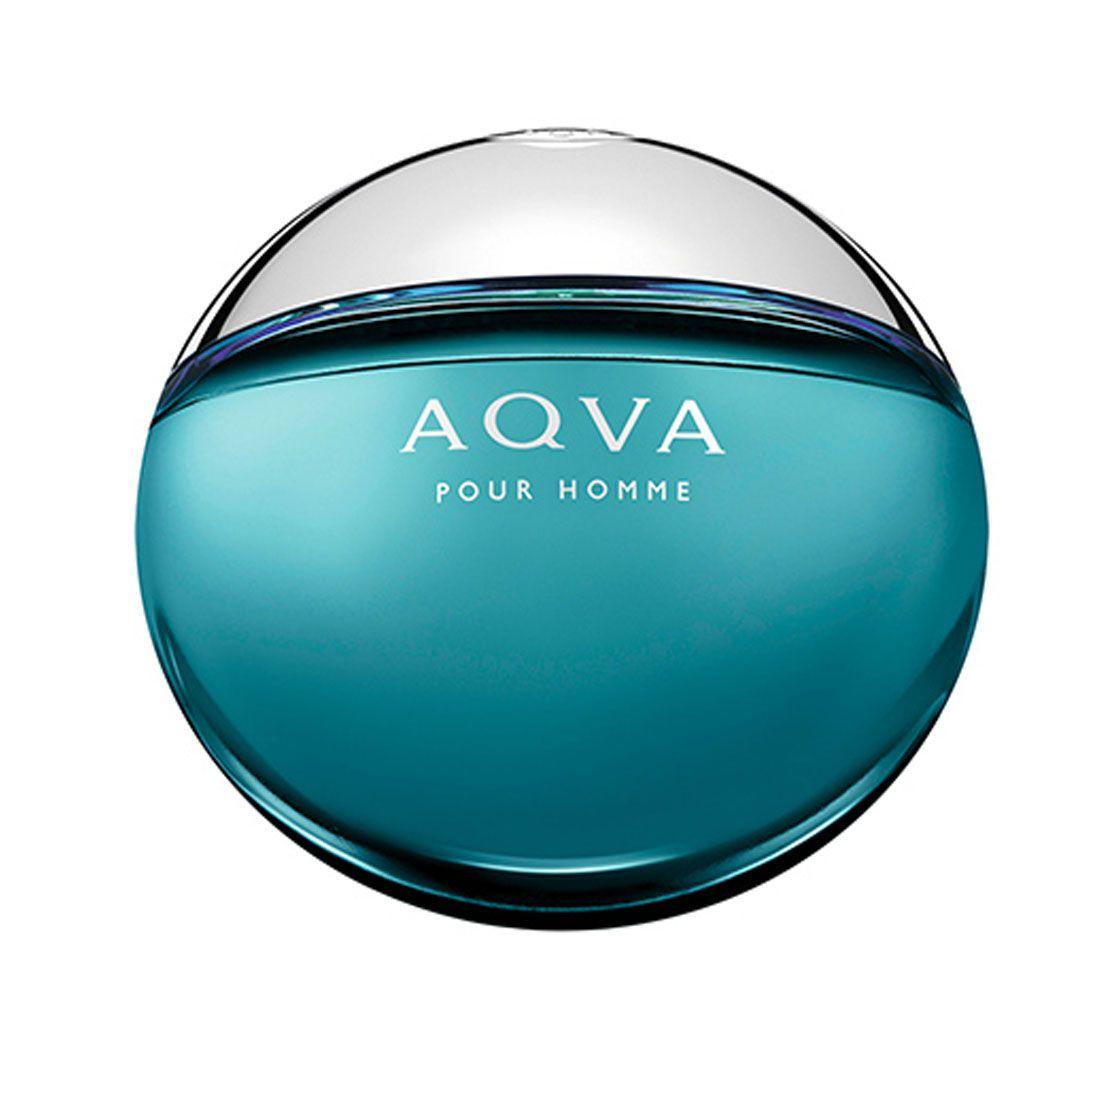 Perfume Bvlgari Aqva Pour Homme 100ml Eau de Toilette